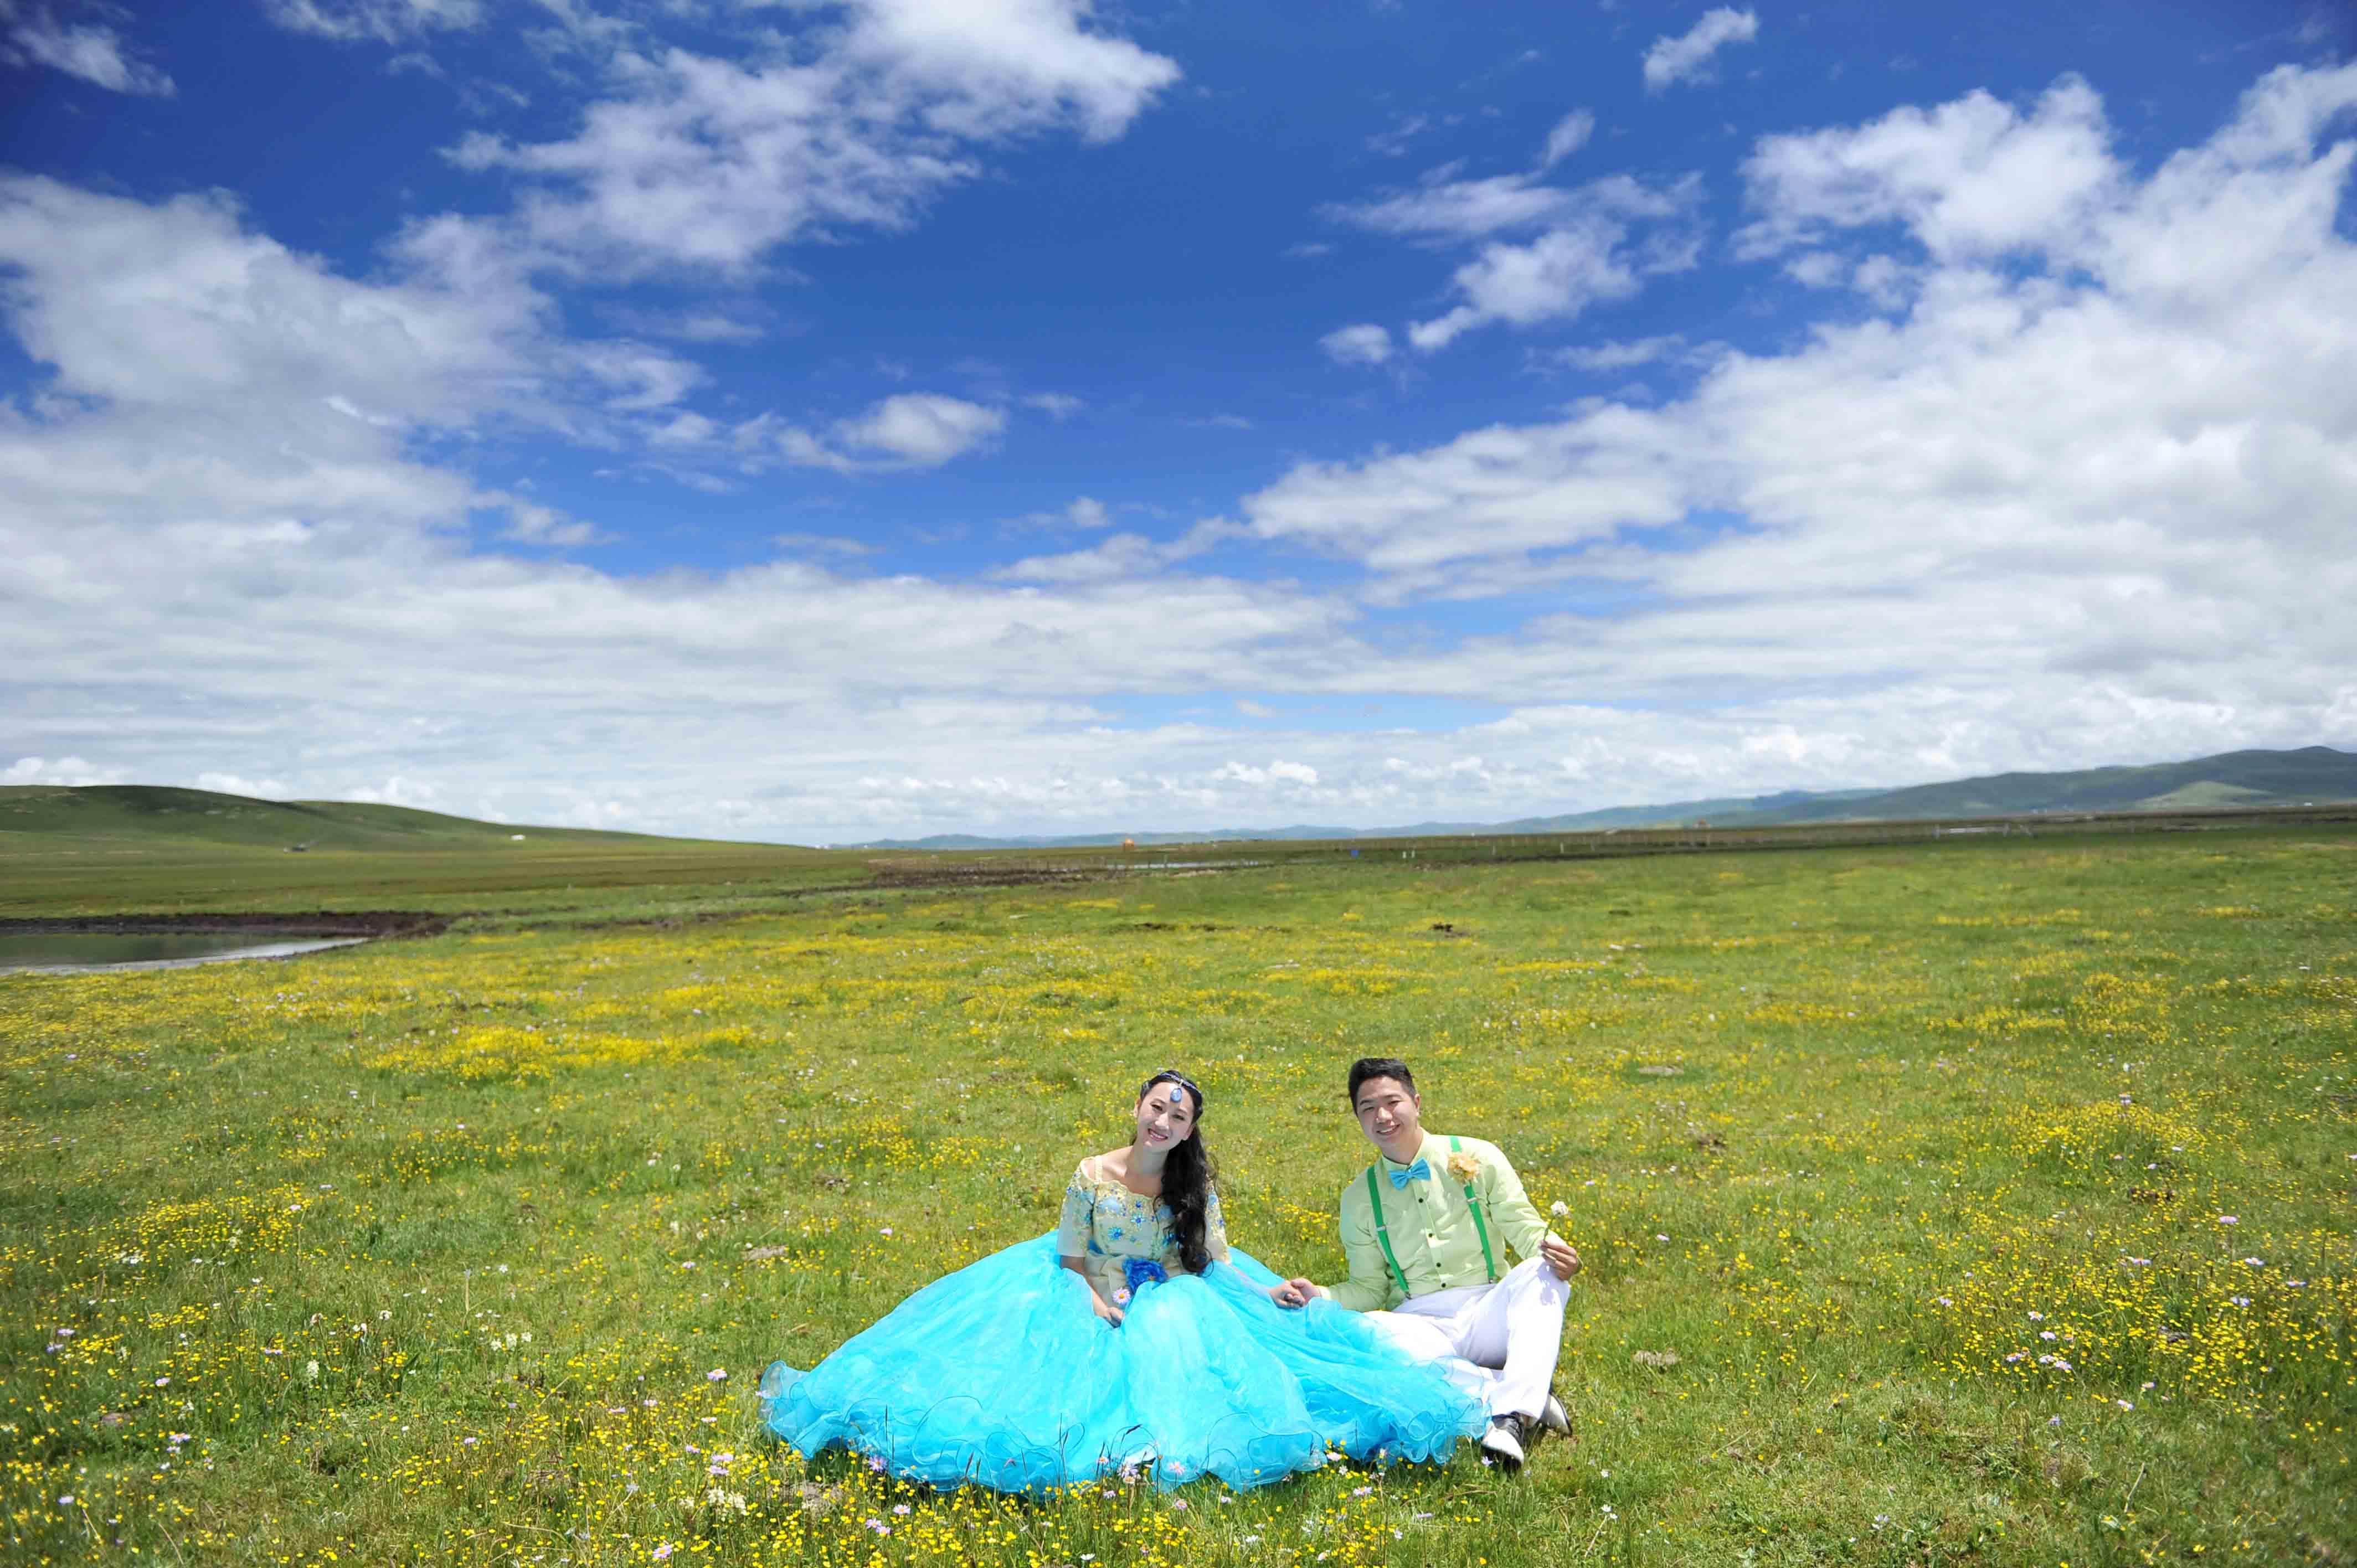 红原婚纱照,红原大草原婚纱照,红原拍婚纱照,红原大草原,红原大草原婚纱照图欣赏